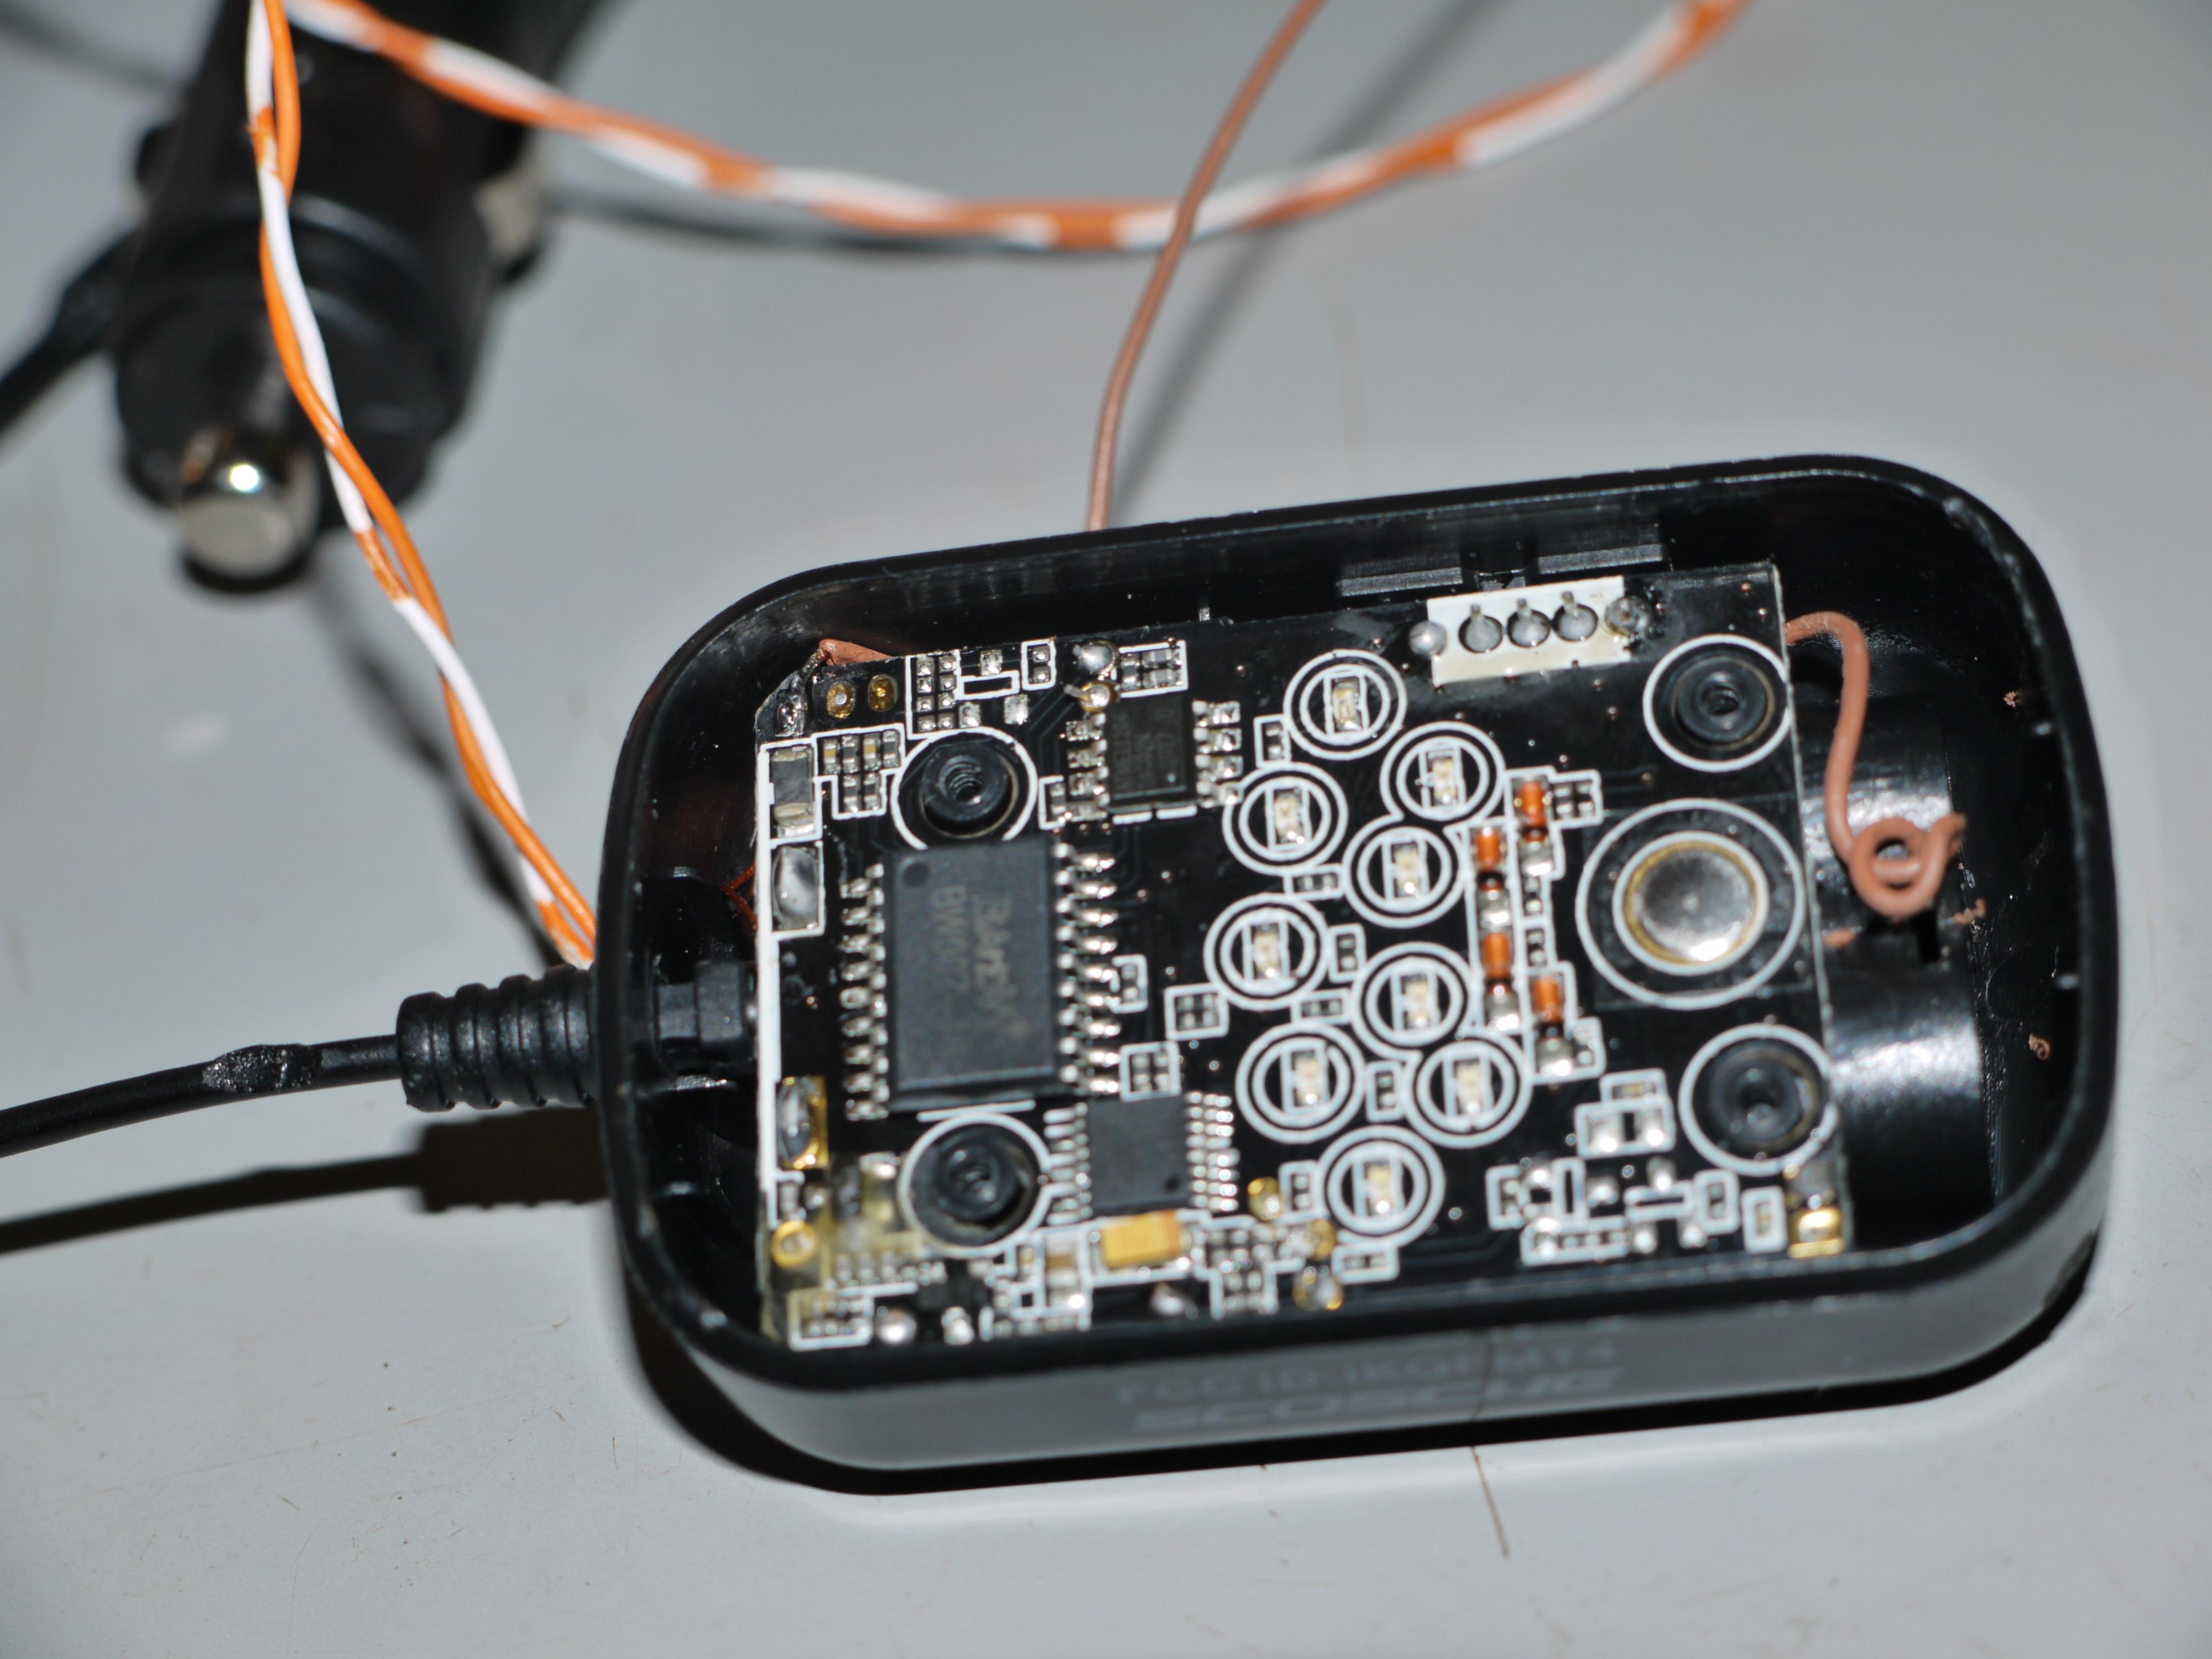 Hack the Scosche FMT4 FM transmitter!V2.0